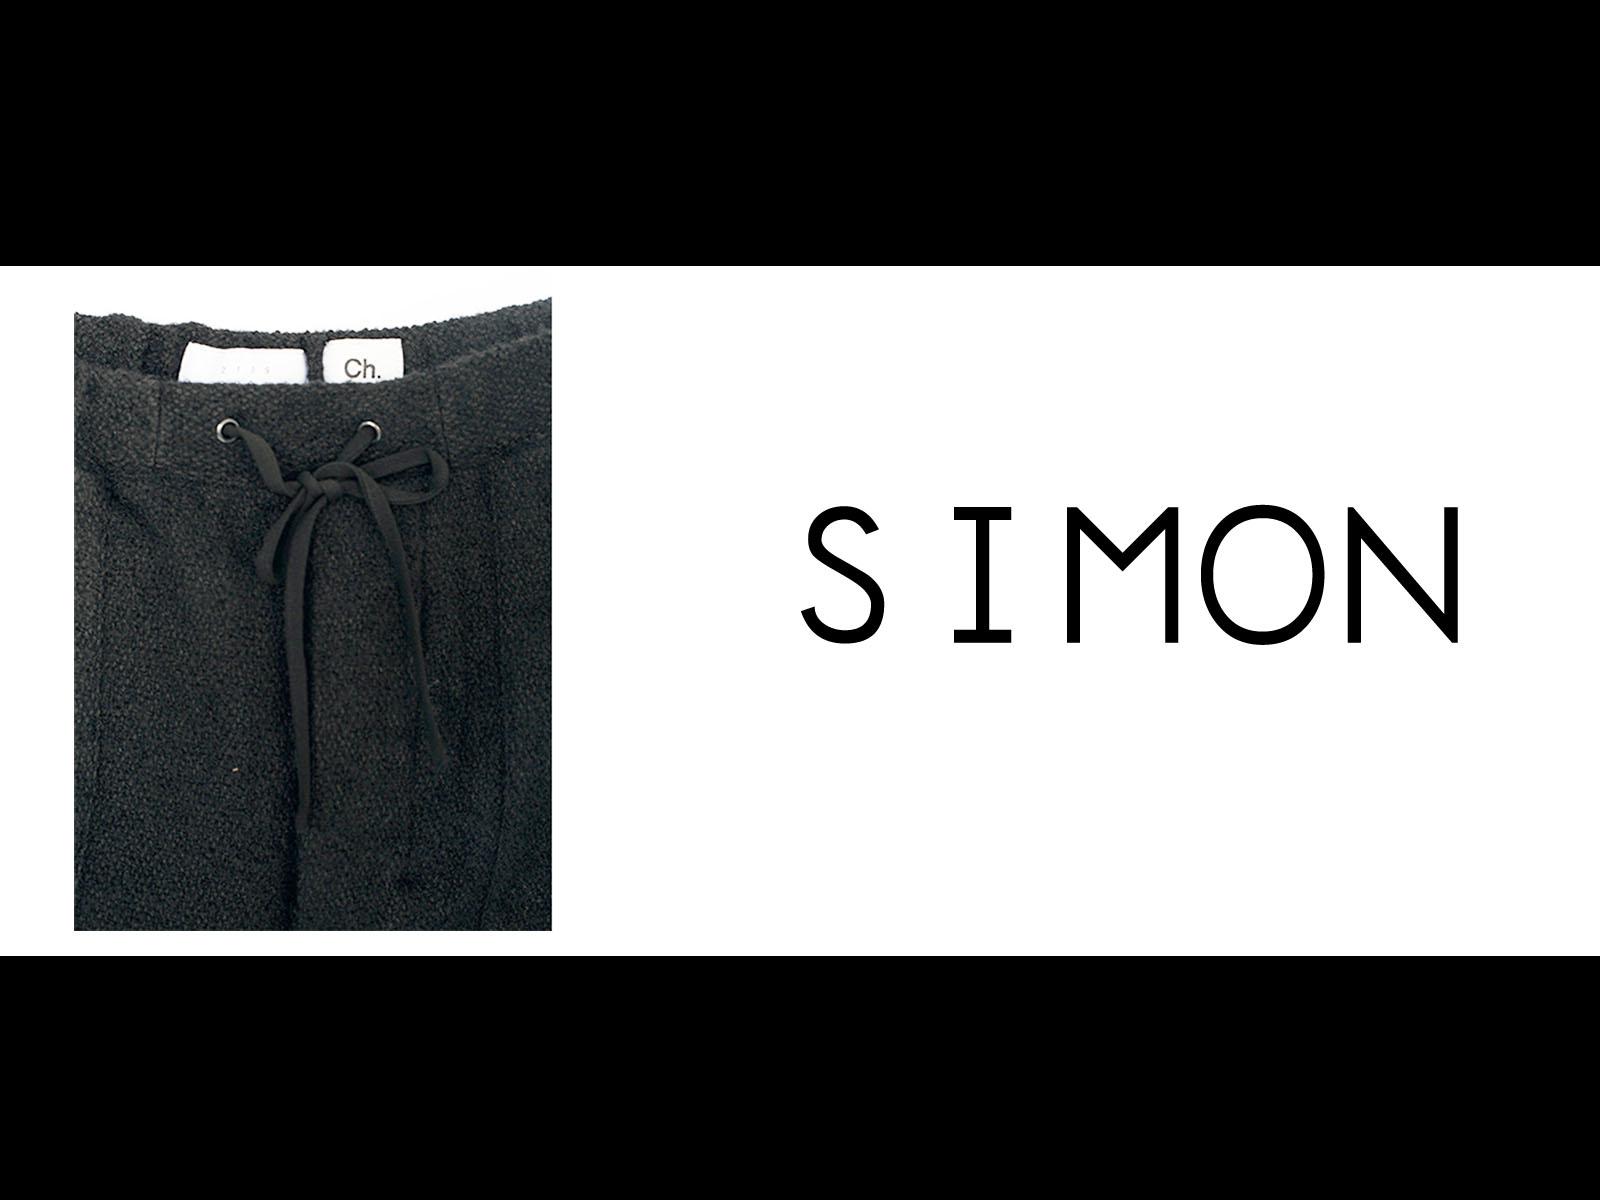 CH. AW14 SIMON